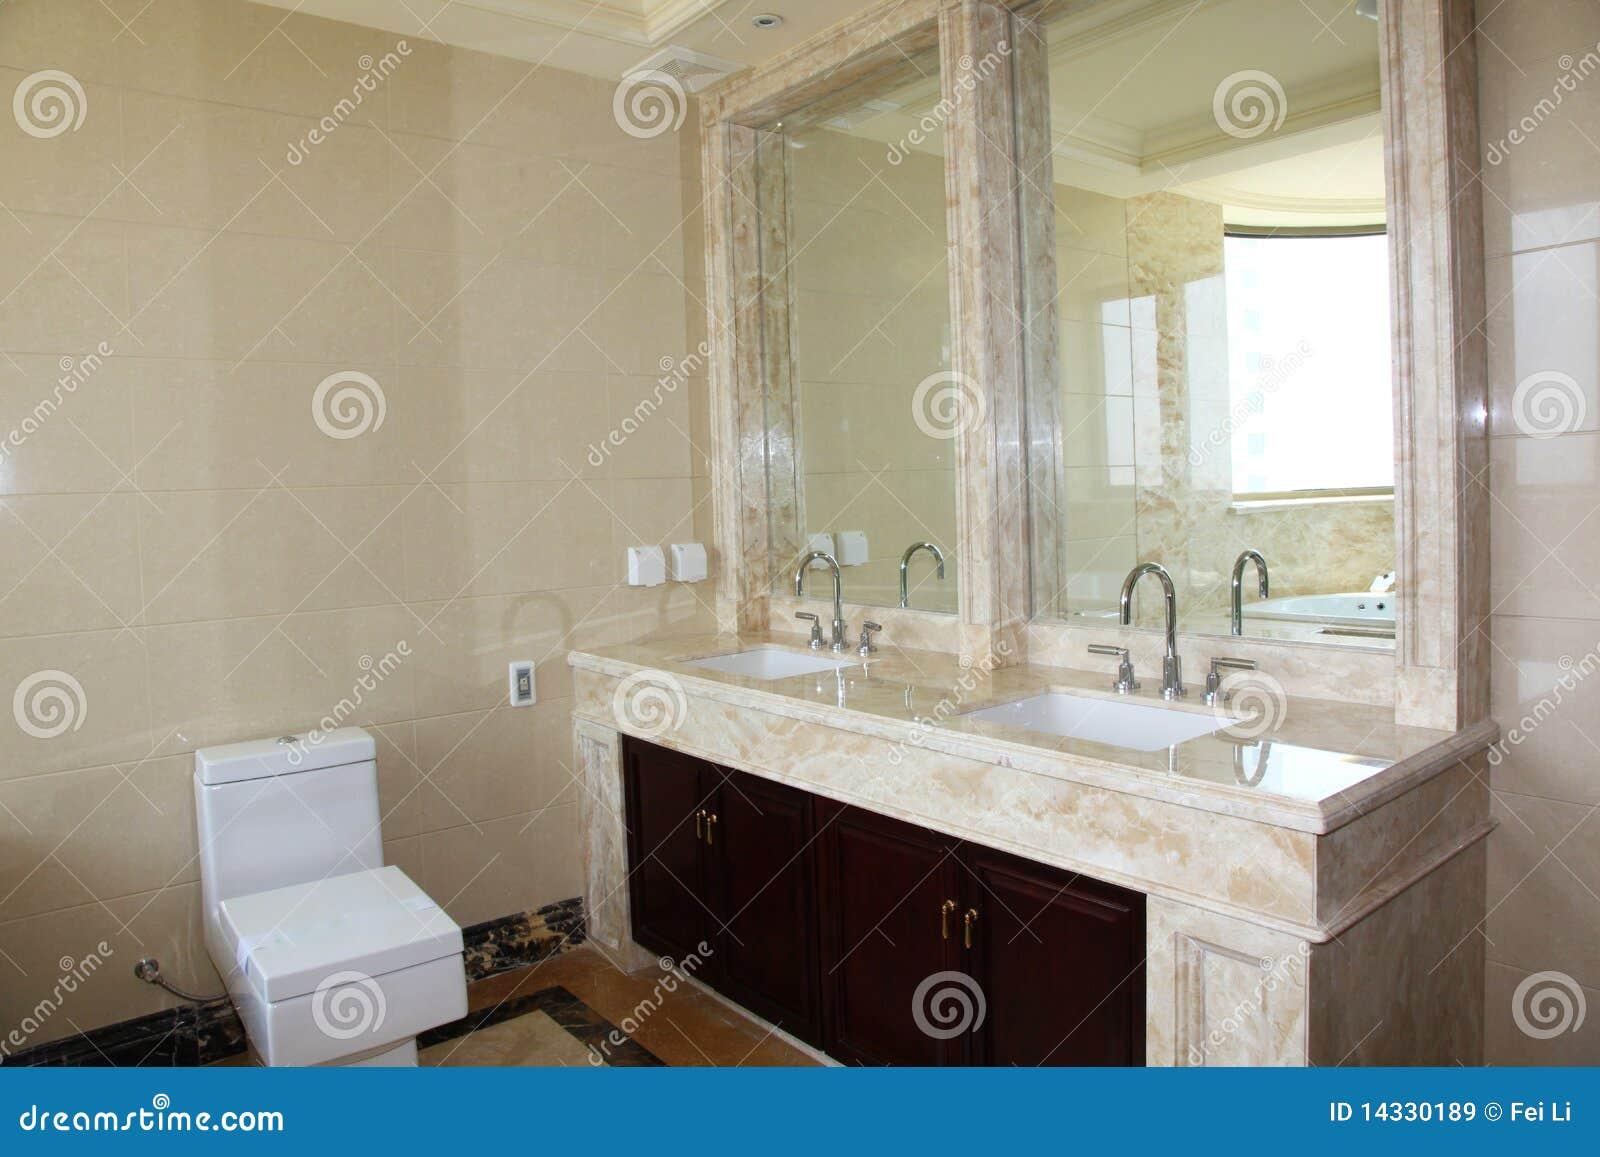 Banheiro Moderno Imagens de Stock Royalty Free  Imagem 14330189 -> Banheiro Moderno Com